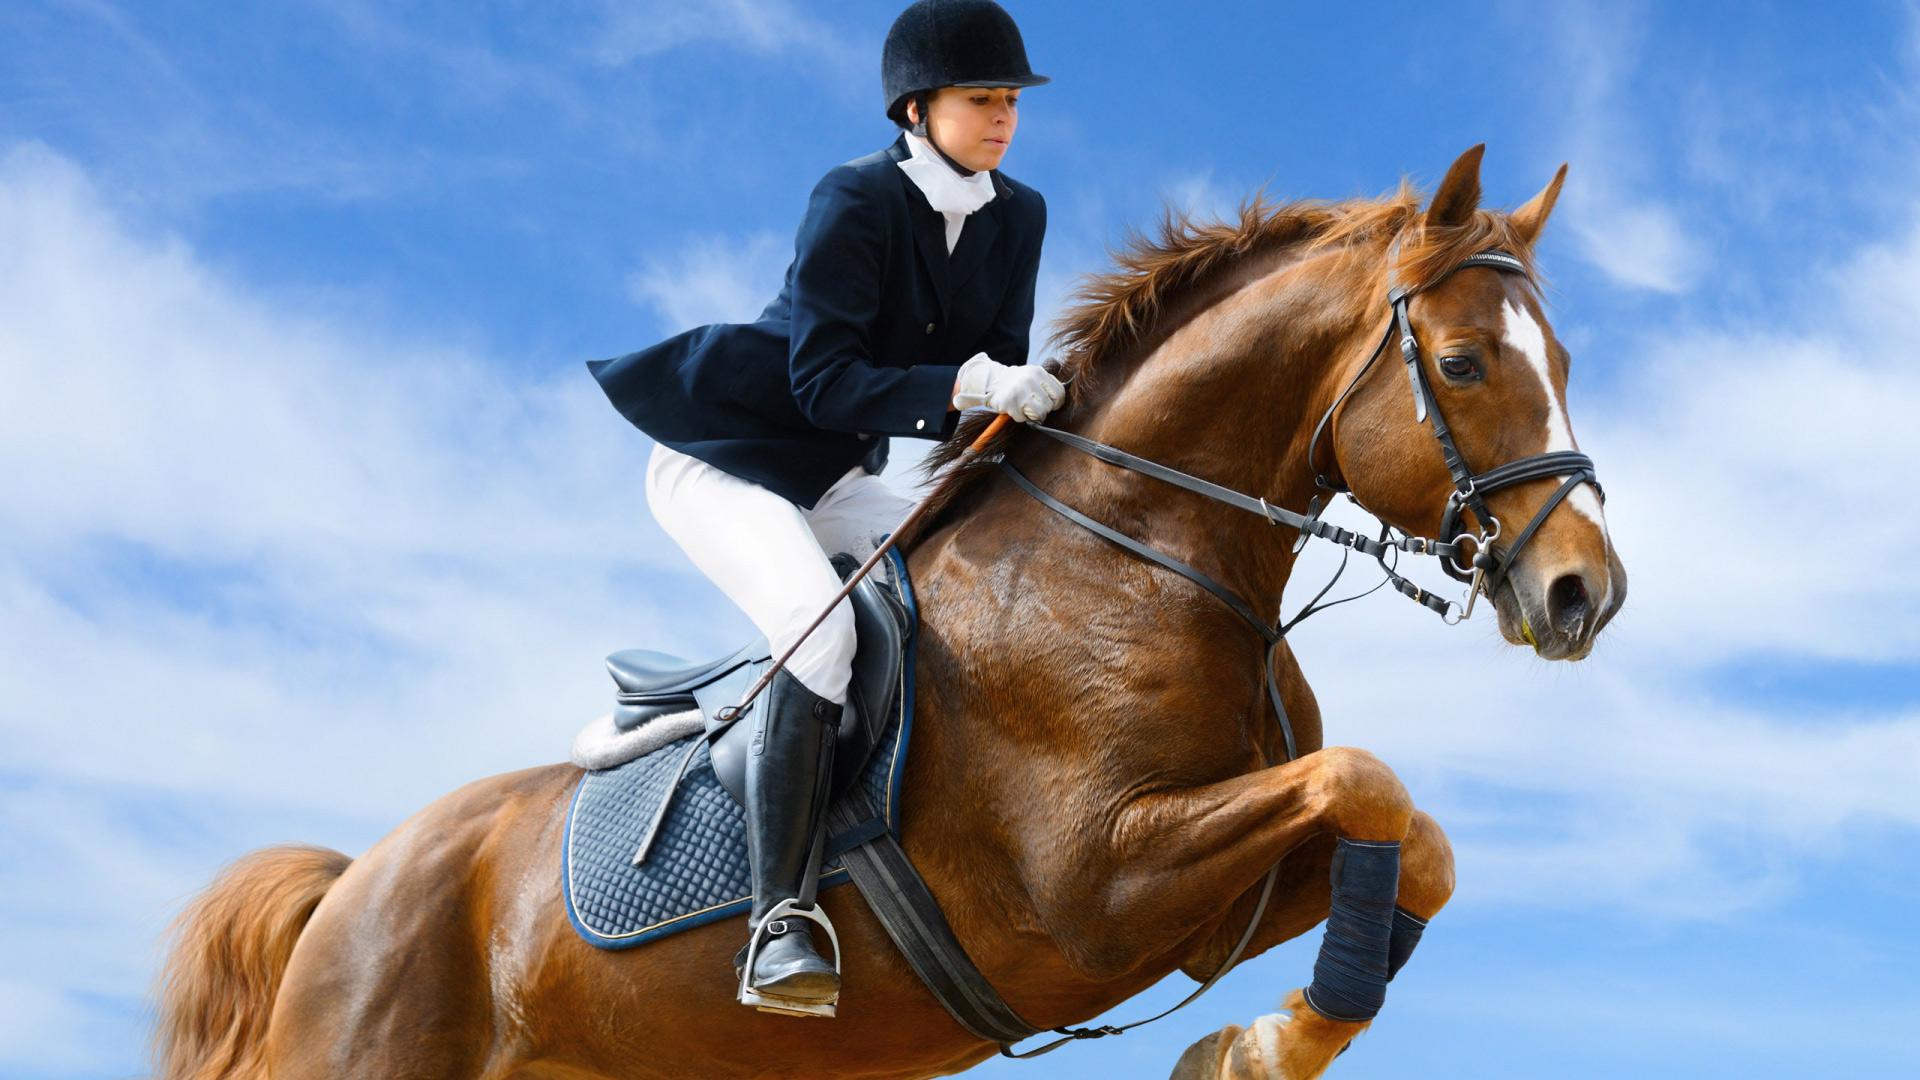 """Предпросмотр схемы вышивки  """"прыжок """". прыжок, конкур, конный спорт, лошади, конь, предпросмотр."""